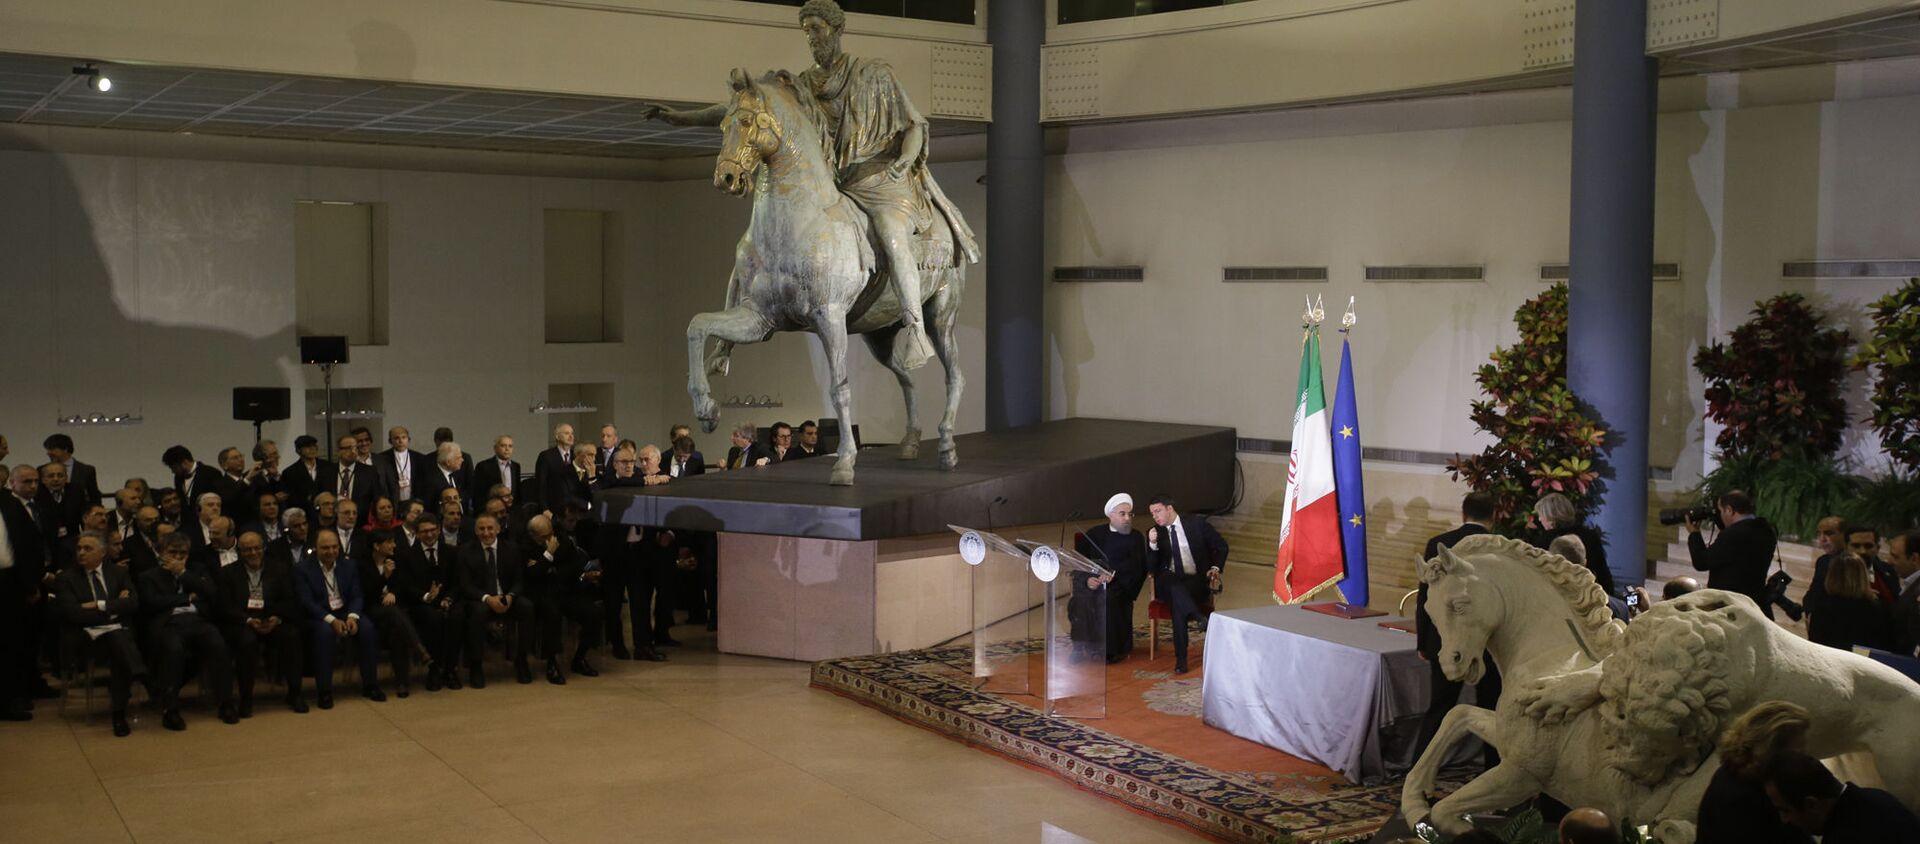 Il presidente iraniano Hassan Rouhani e il primo ministro italiano Matteo Renzi sotto una statua in bronzo dell'imperatore romano Marco Aurelio in Campidoglio a Roma - Sputnik Italia, 1920, 07.02.2021